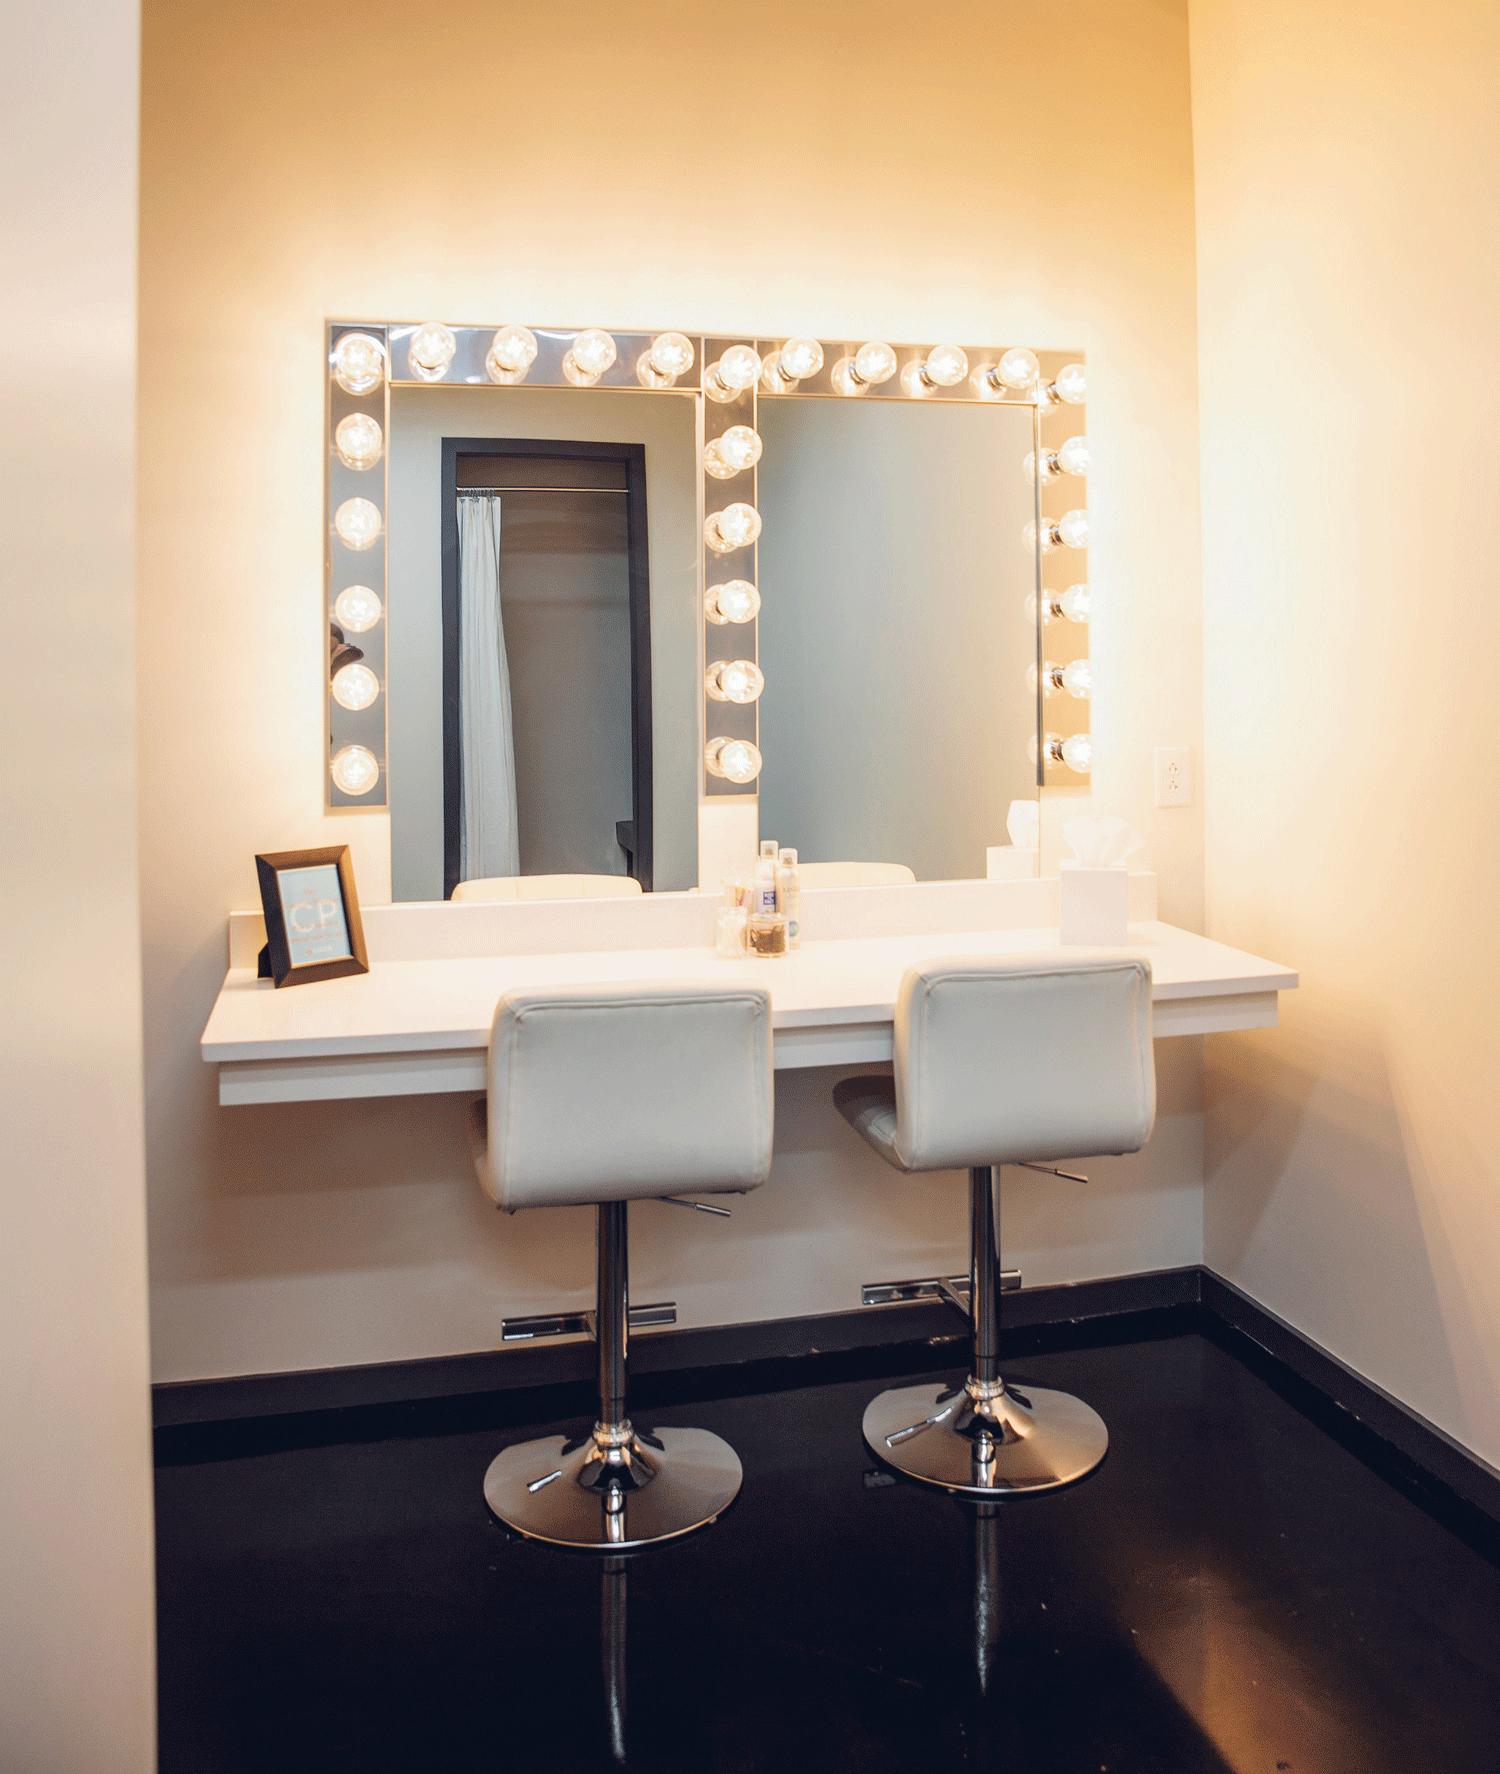 restroom facilities